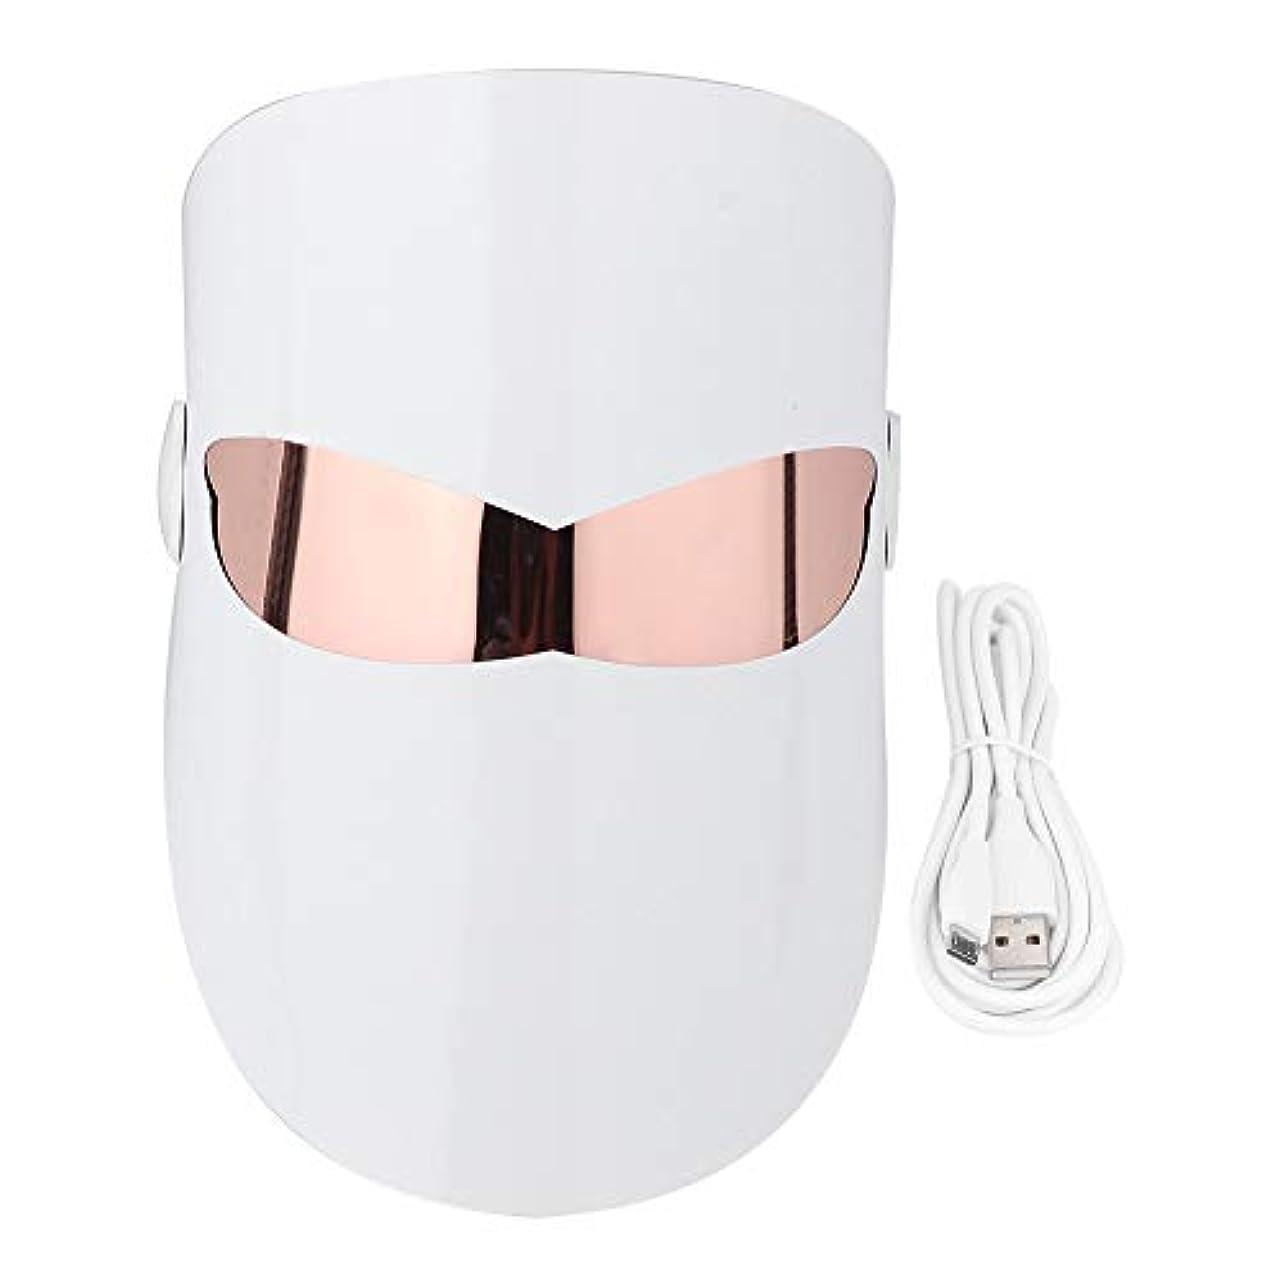 条約規定シマウマPhoton 32 LEDライトフェイスマスクホワイトニングリジュビネーションマッサージ栄養コラーゲン回復にきび除去スパ美容機器フェイス&ネックスキンケアマスク